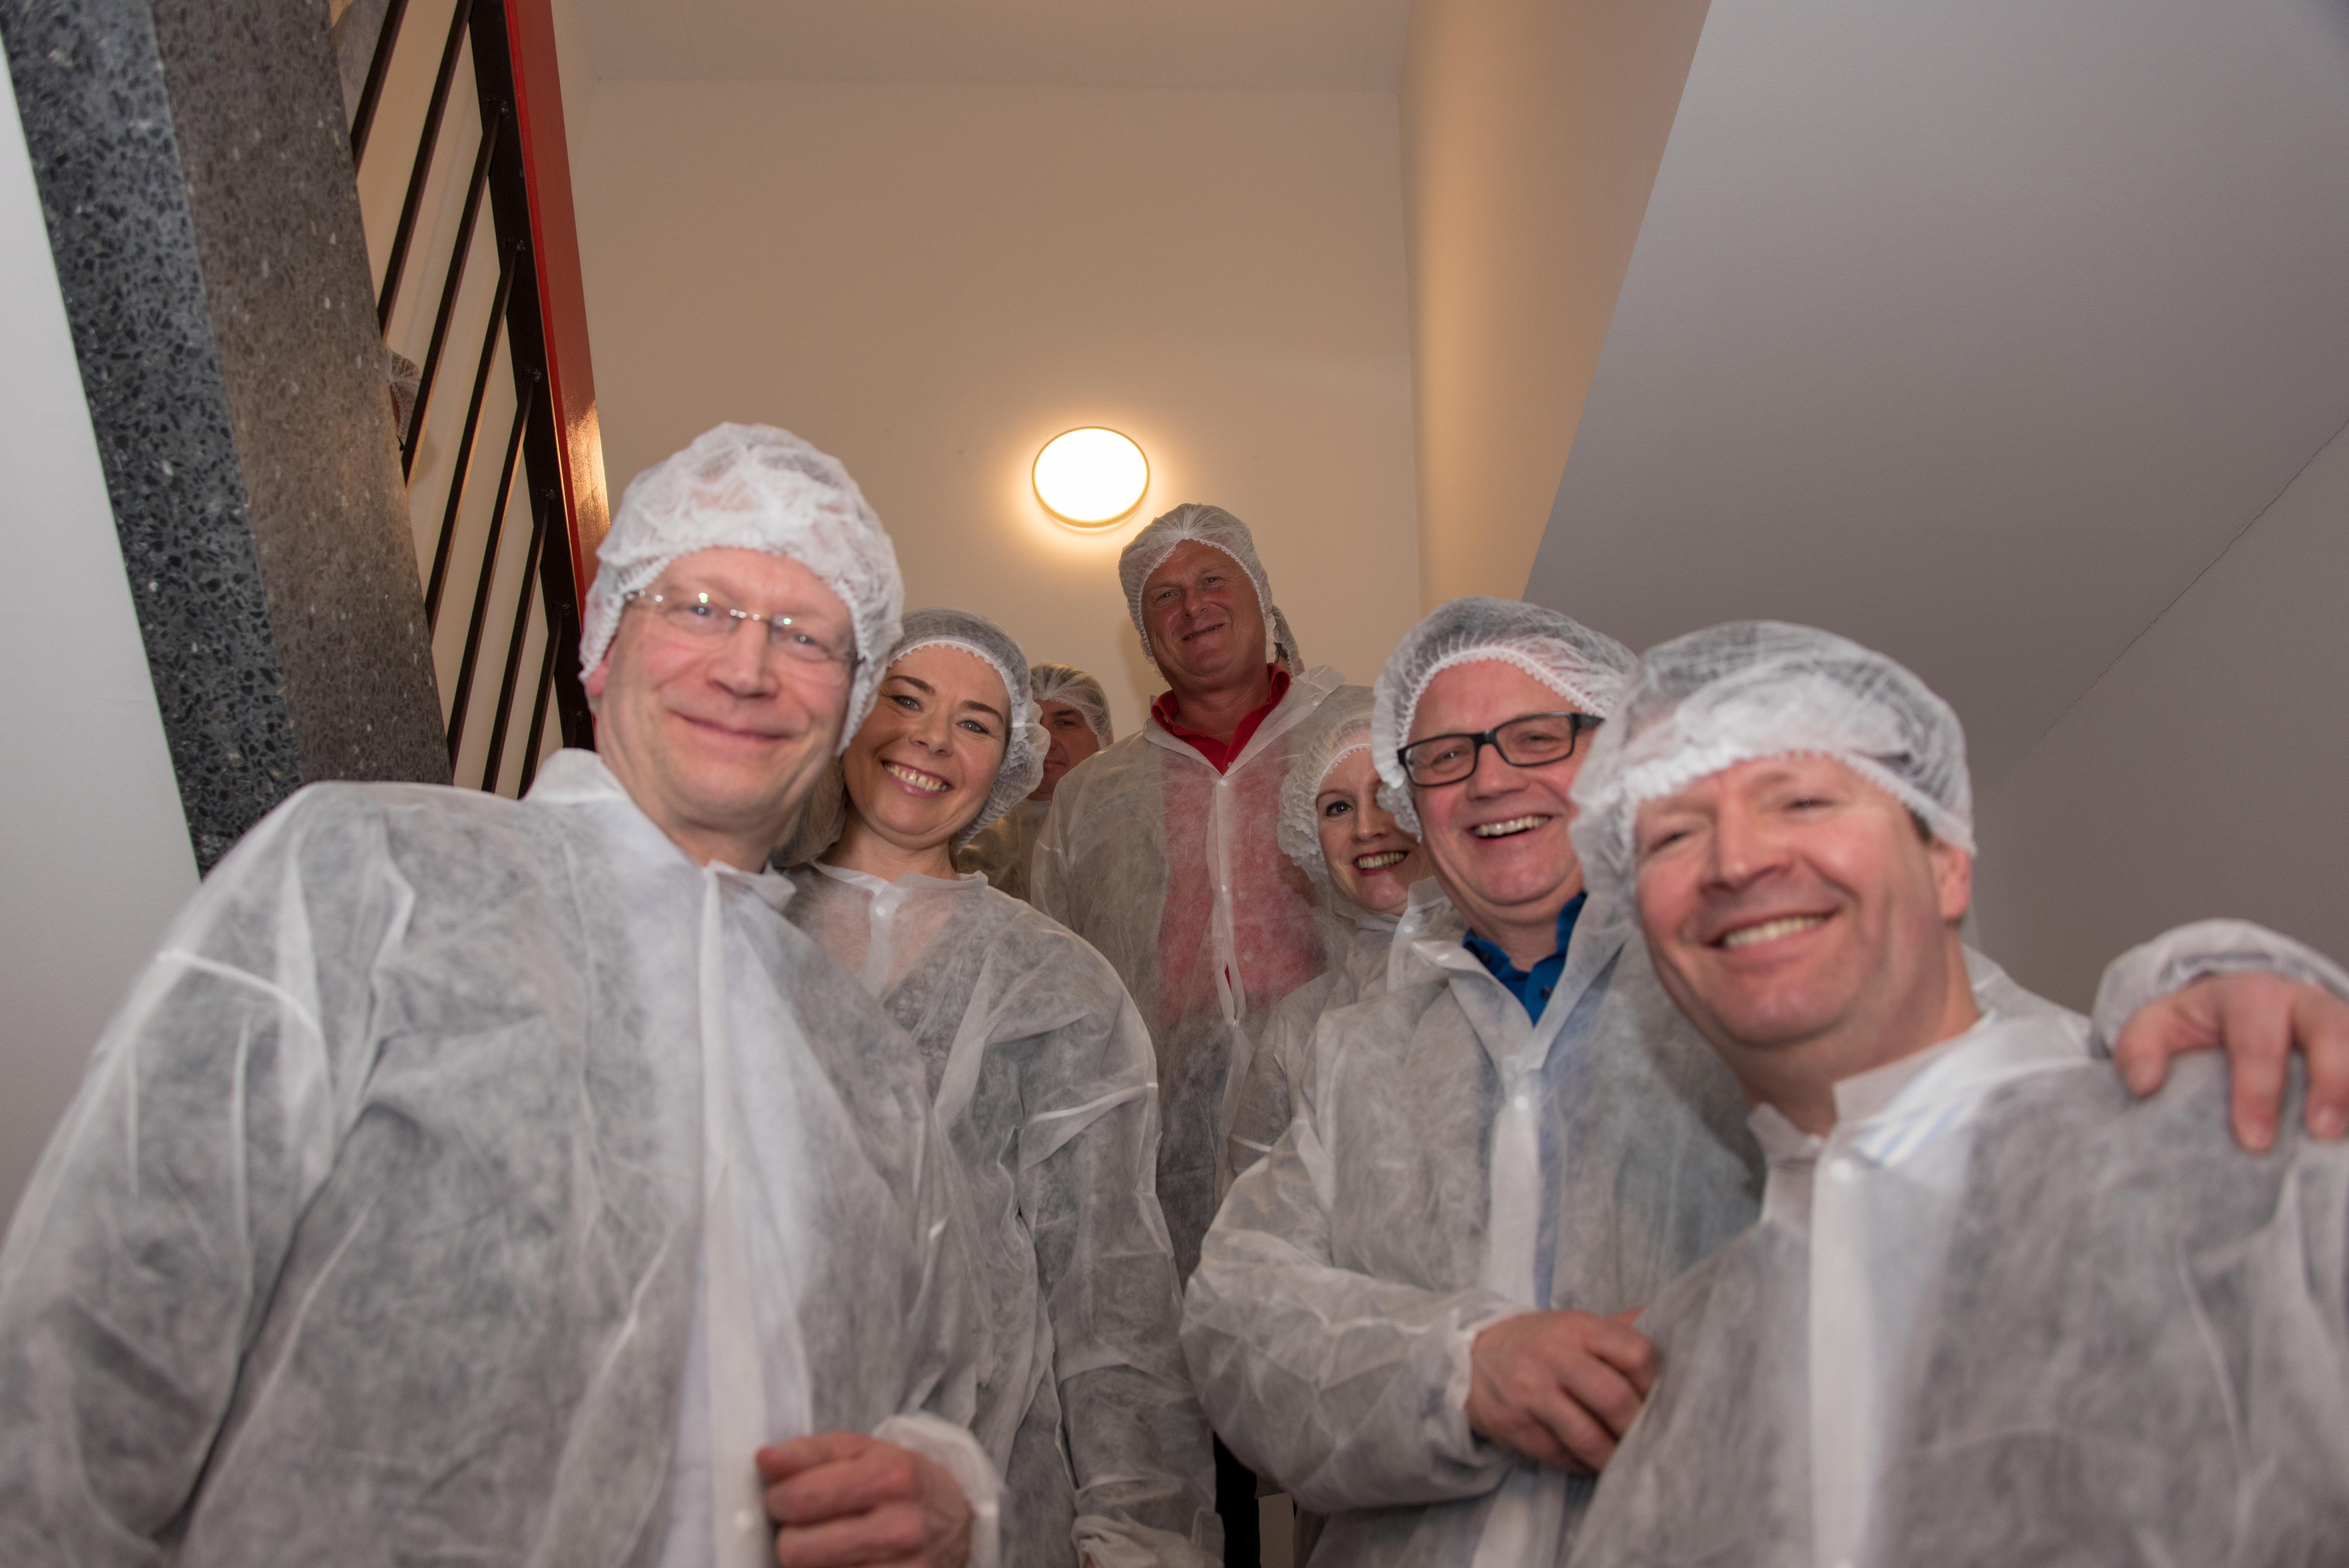 vl: Rolf Fortmüller, Vera Asmuth, Detlef Keller, Sabine Breuckmann, Frank Leibelt, Carsten Niemann